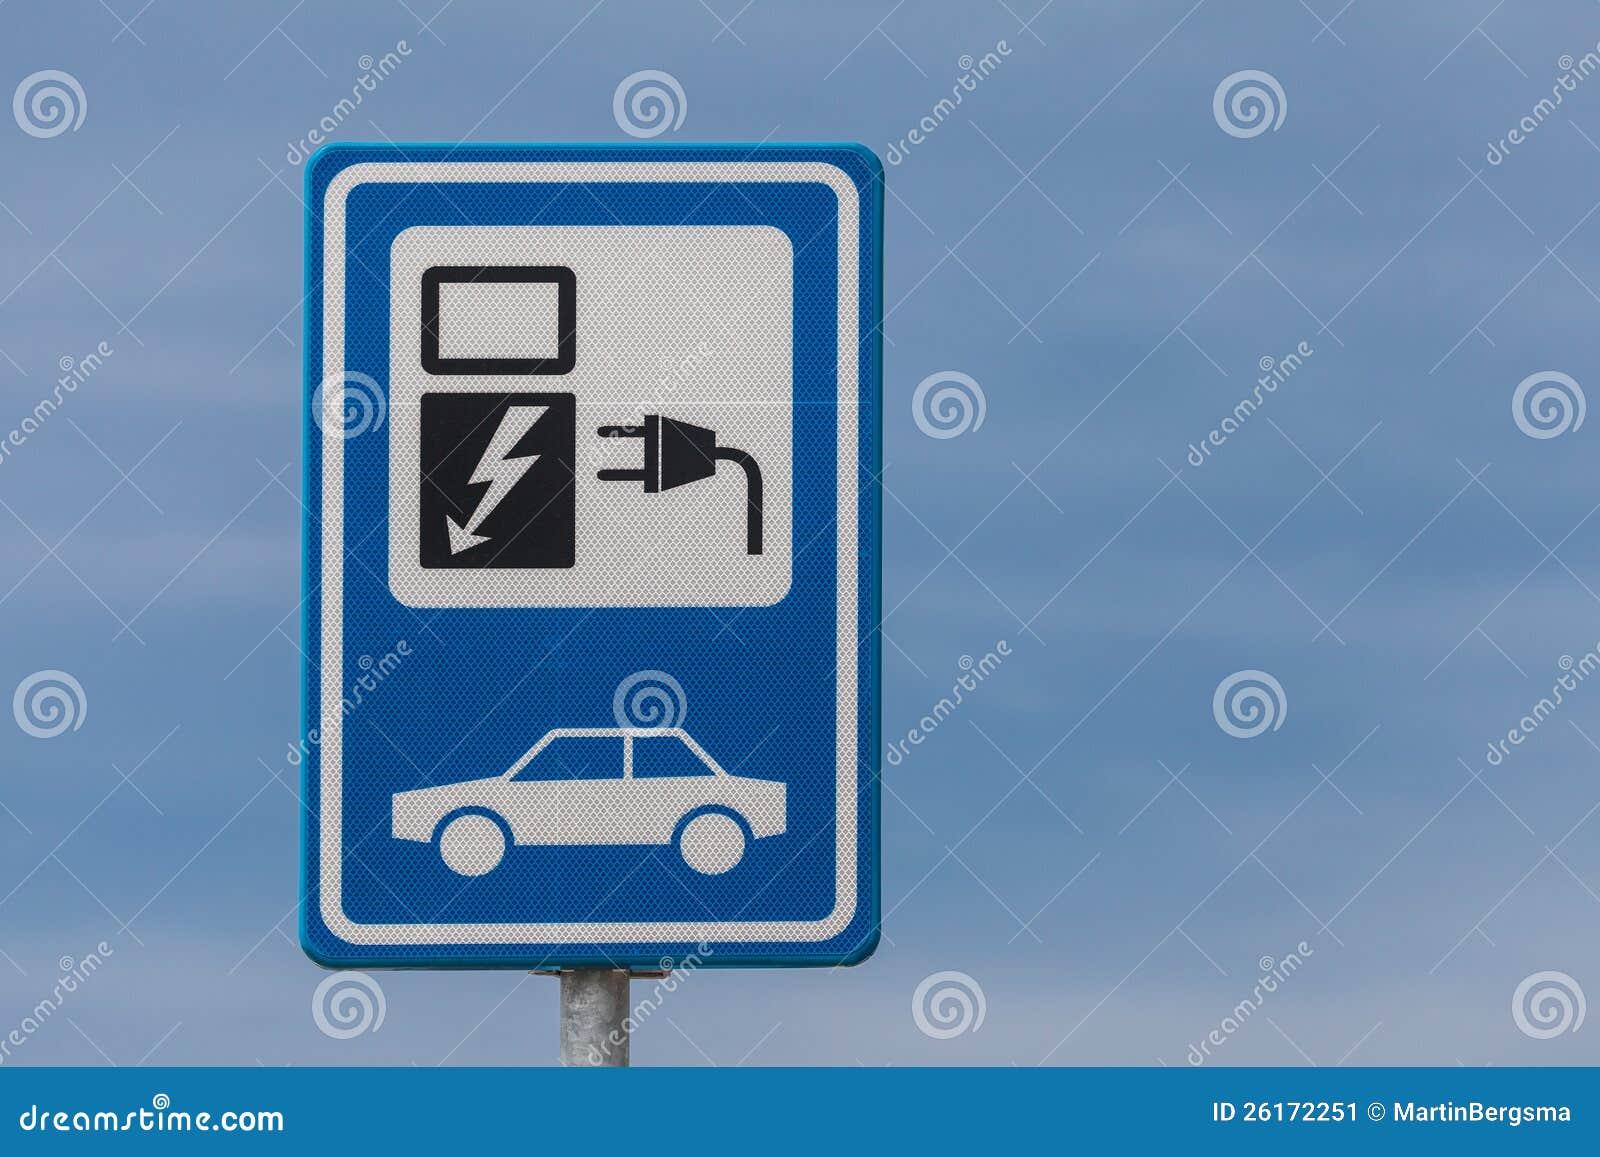 Sinal holandês para cobrar um veículo eléctrico